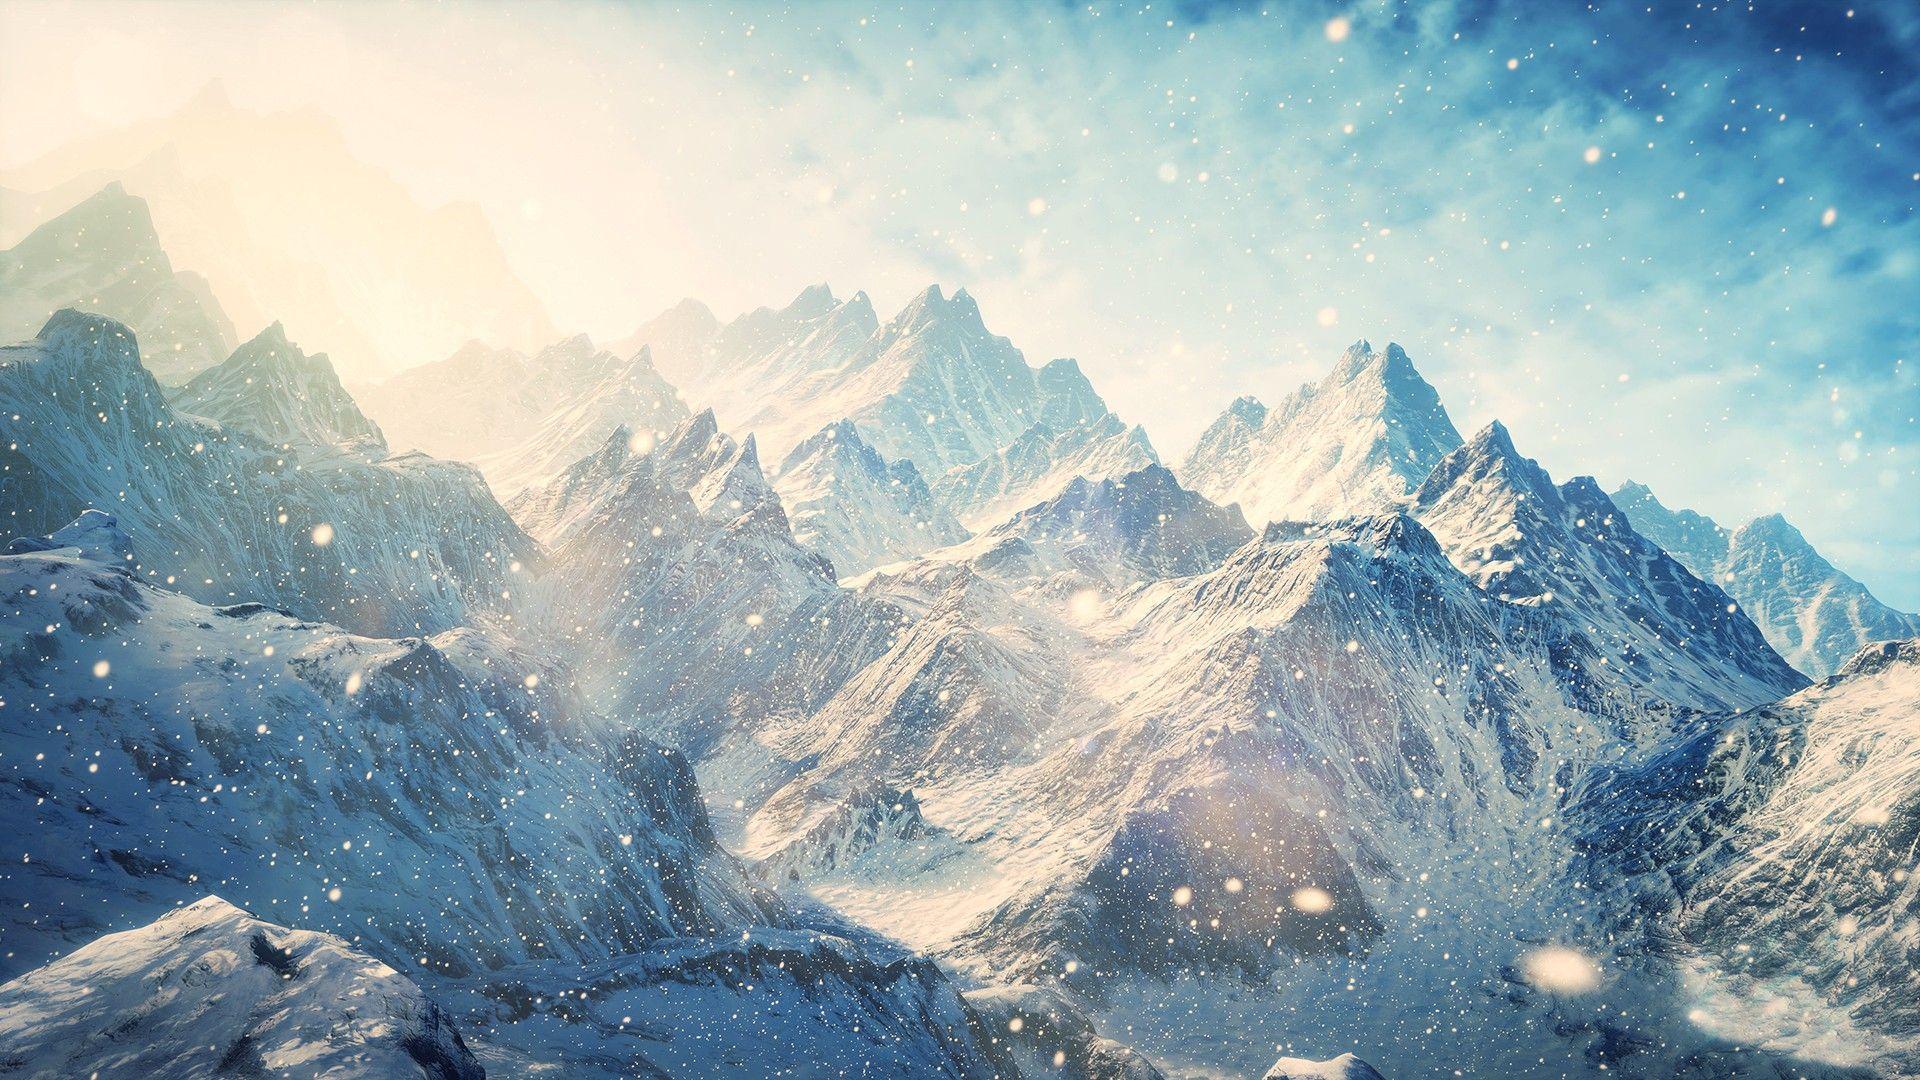 Snow Mountain Desktop Wallpaper Art Pinterest Mountain Wallpaper View Wallpaper Wallpaper